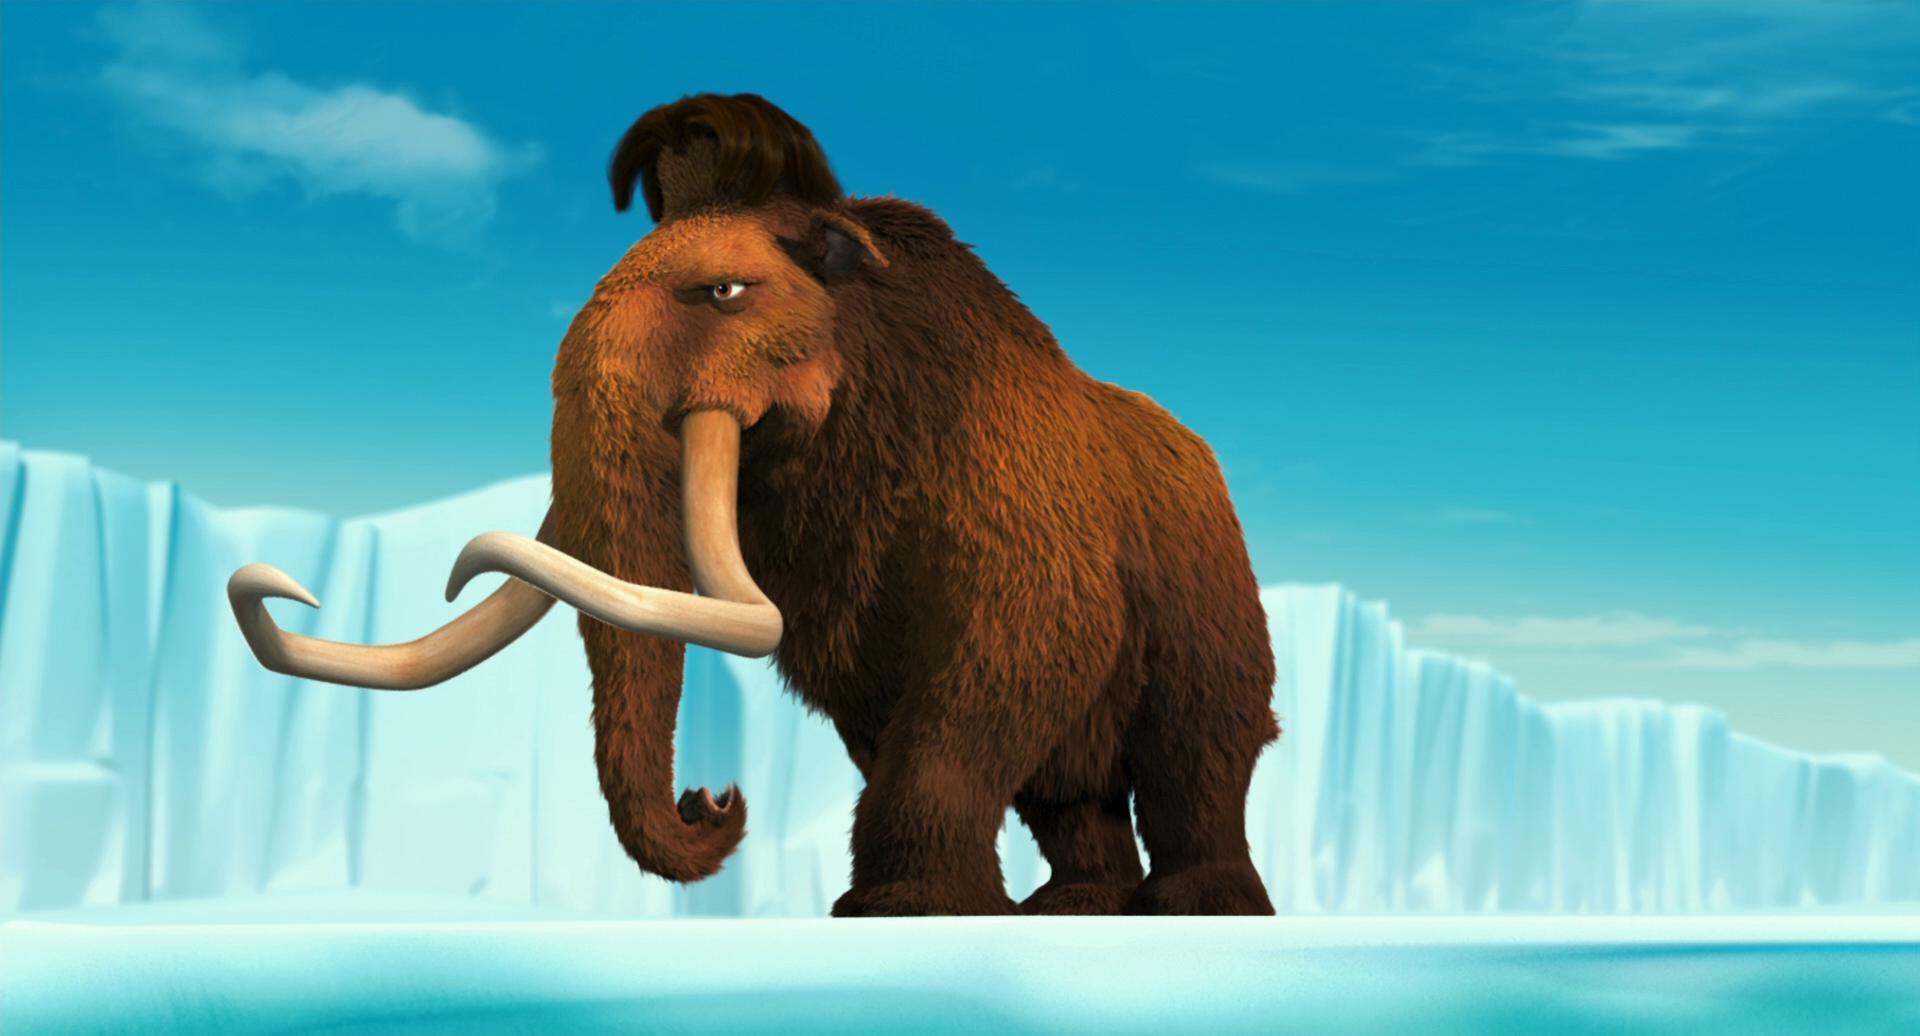 Мэнни из ледникового периода картинки